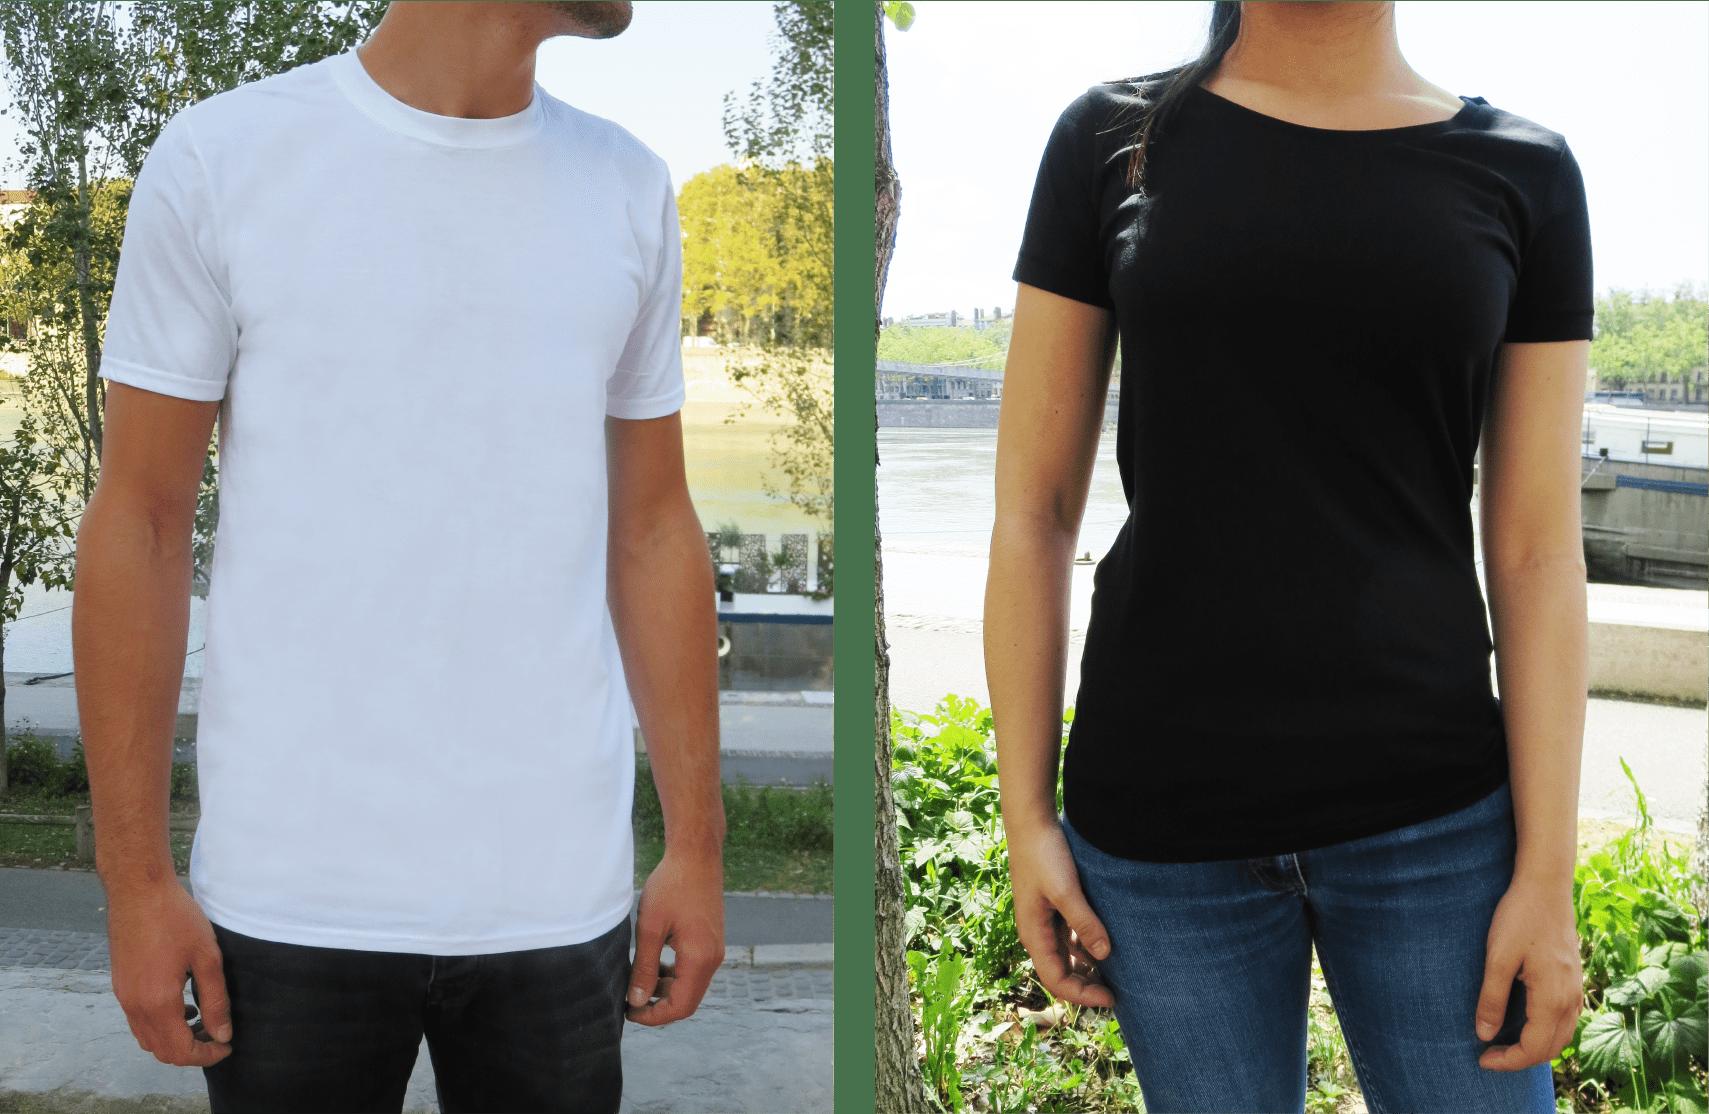 T-shirt Noël personnalisé - T-shirt premium personnalisé - Atelier du Quai